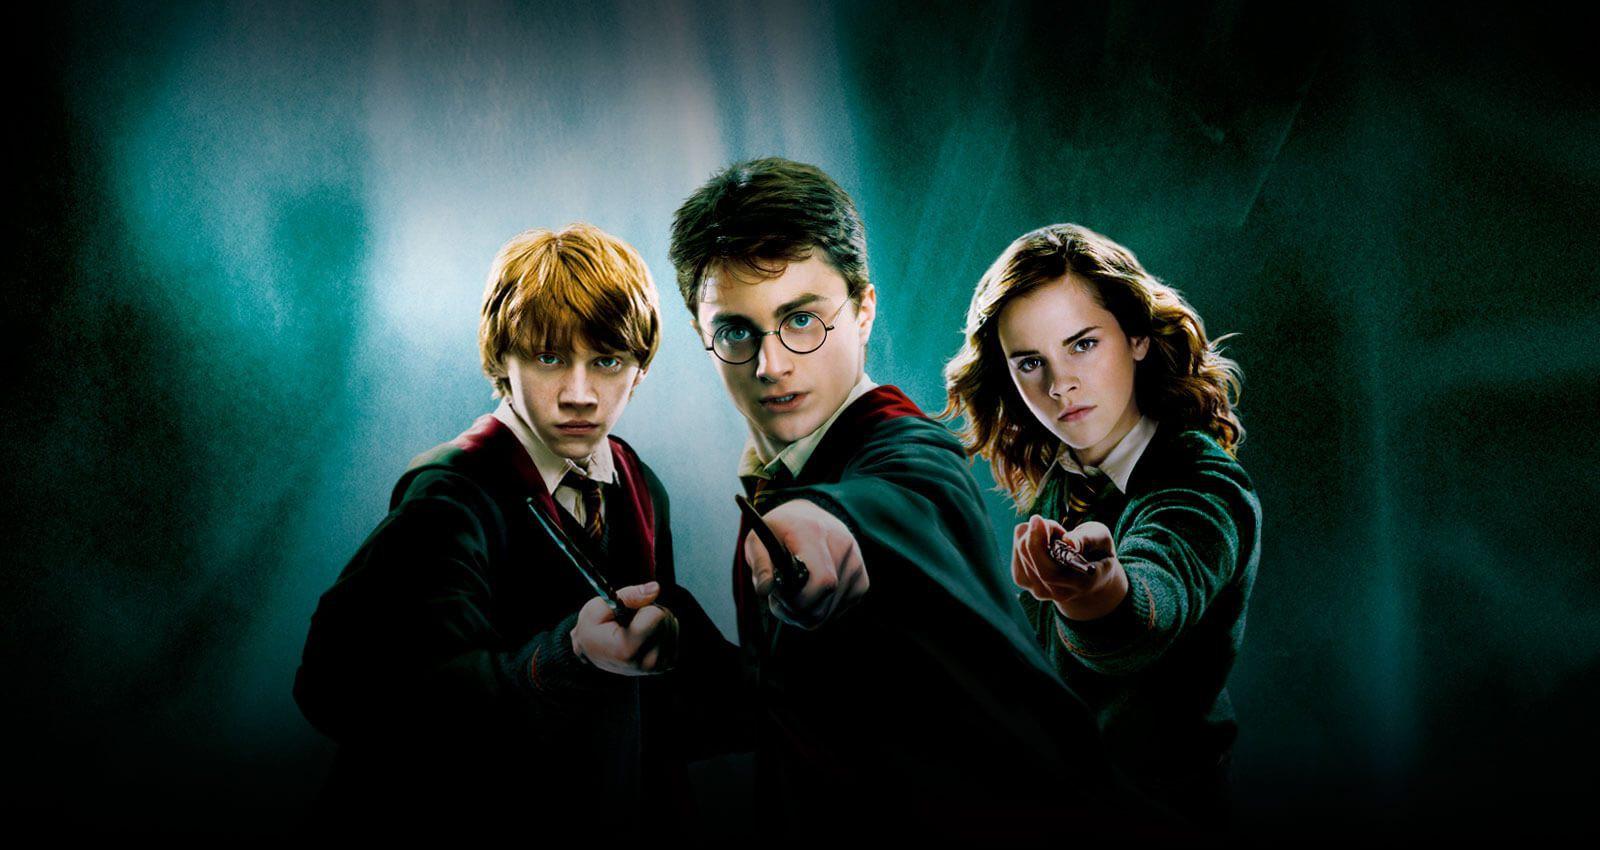 Tin được không: J. K. Rowling sắp trở lại với 4 quyển sách mới tinh về thế giới pháp thuật Harry Potter! - Ảnh 2.